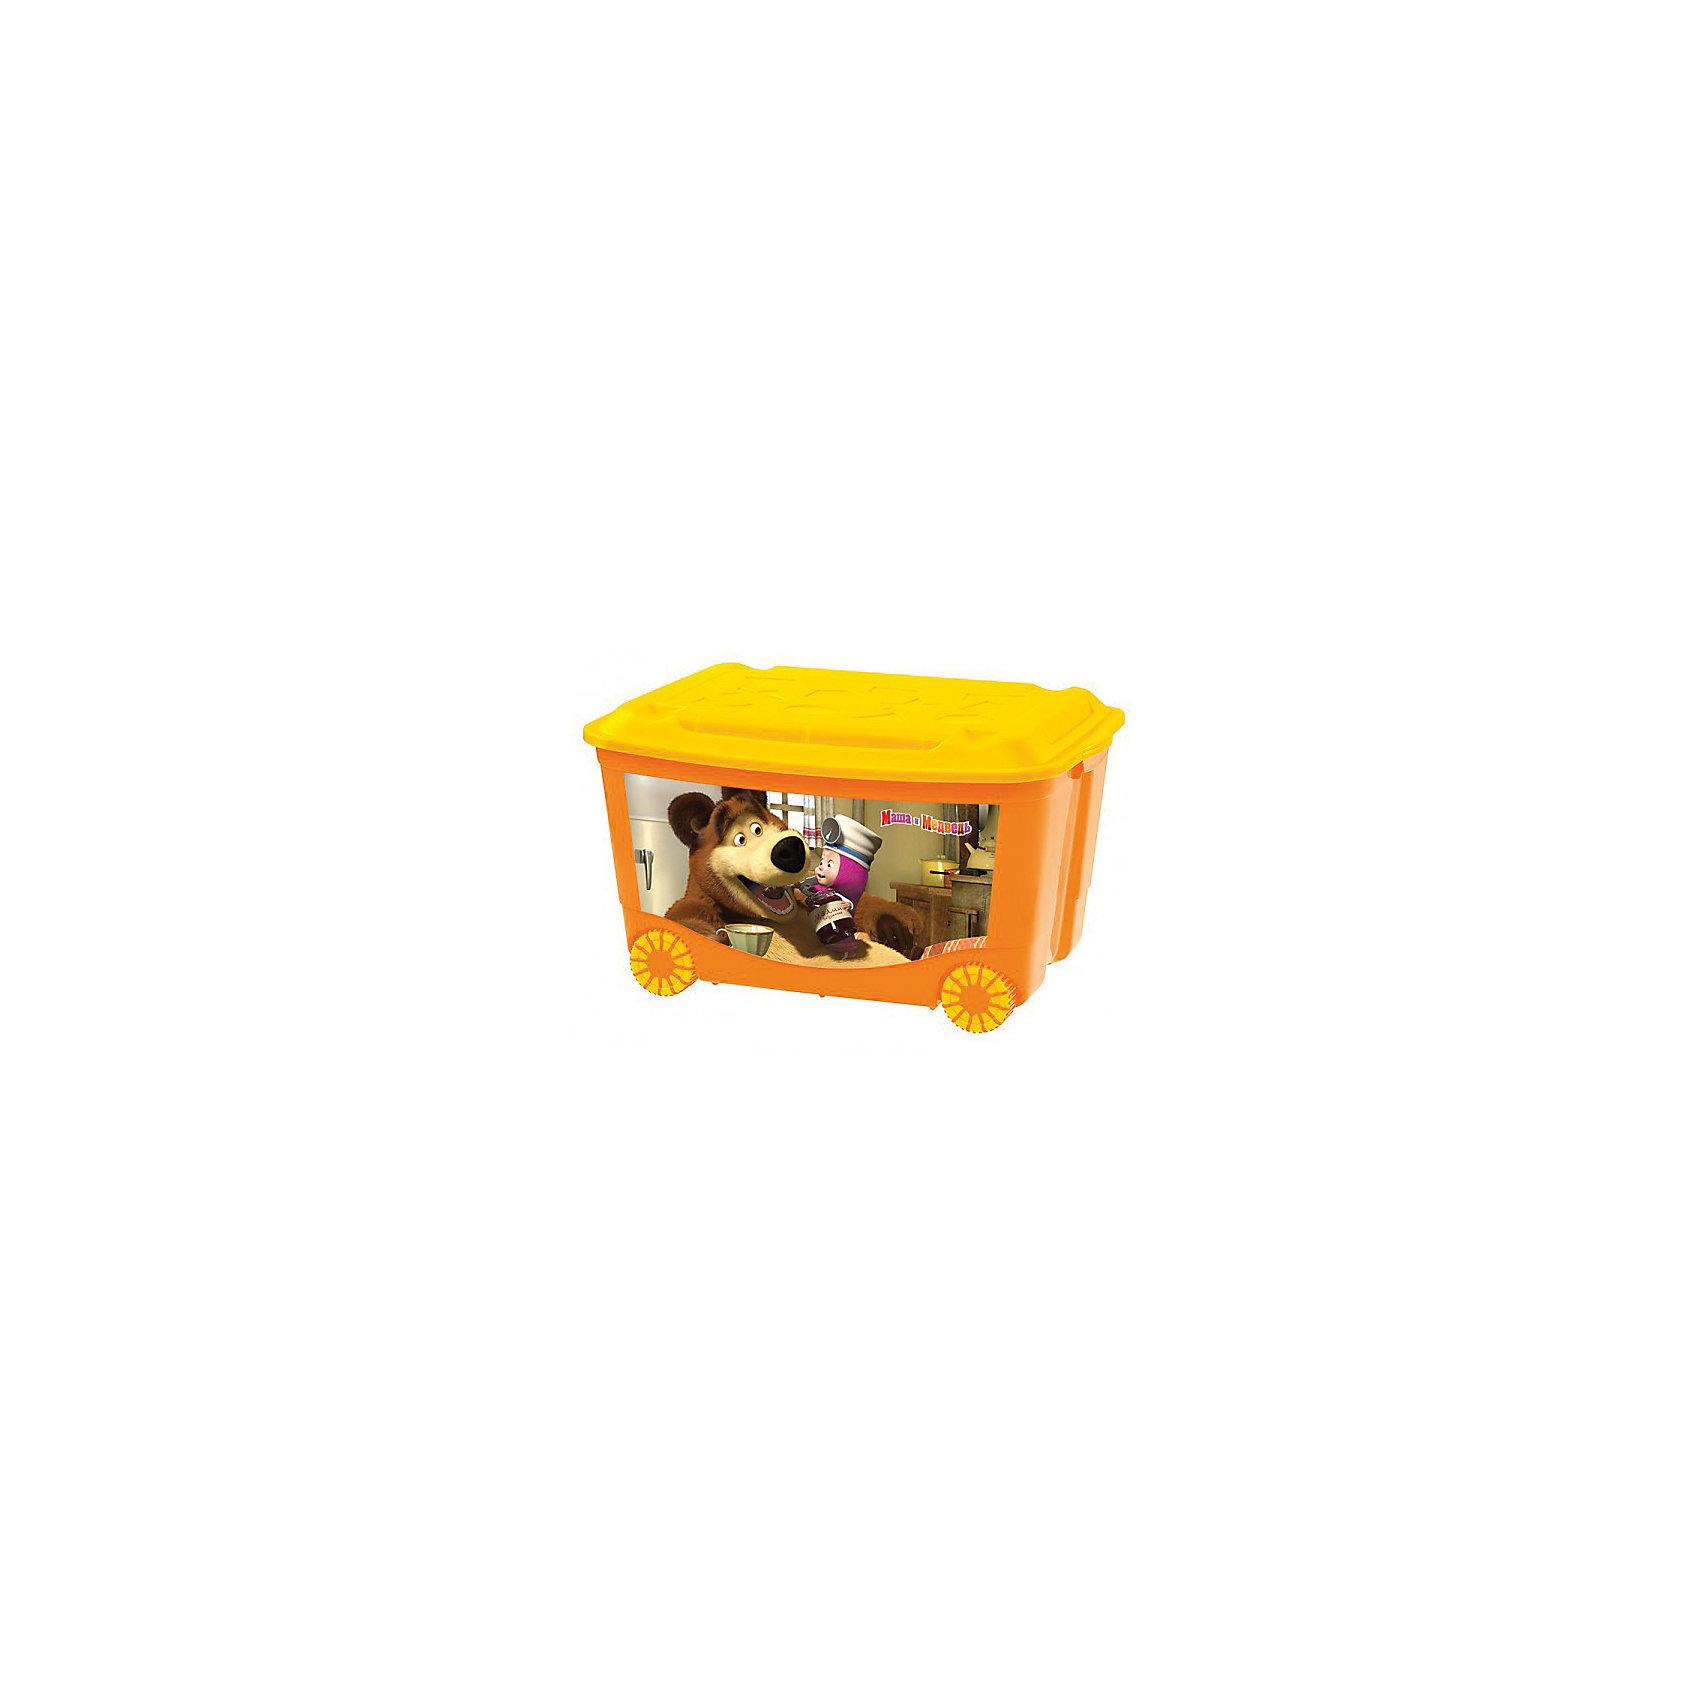 Ящик для игрушек на колесах 580*390*335 Маша и Медведь, Пластишка, оранжевыйЯщик для игрушек на колесах 580*390*335 Маша и Медведь, Пластишка, оранжевый – приучаем к уборке вместе с любимой героиней мультфильма.<br>Контейнер изготовлен из качественного пластика, не токсичен для малышей. Вместительный, но в тоже время очень компактный ящик с крышечкой. Подойдет для упаковки игрушек, одежды, аксессуаров. Благодаря колесикам легко перемещается по комнате. Легкое скольжение позволит малышу самому привозить и увозить ящик.<br><br>Дополнительная информация: <br><br>- материал: полипропилен<br>- цвет: оранжевый<br>- размер: 580*390*335 мм<br><br>Ящик для игрушек на колесах 580*390*335 Маша и Медведь, Пластишка, оранжевый можно купить в нашем интернет магазине.<br><br>Ширина мм: 580<br>Глубина мм: 400<br>Высота мм: 630<br>Вес г: 1679<br>Возраст от месяцев: 12<br>Возраст до месяцев: 72<br>Пол: Унисекс<br>Возраст: Детский<br>SKU: 4972214